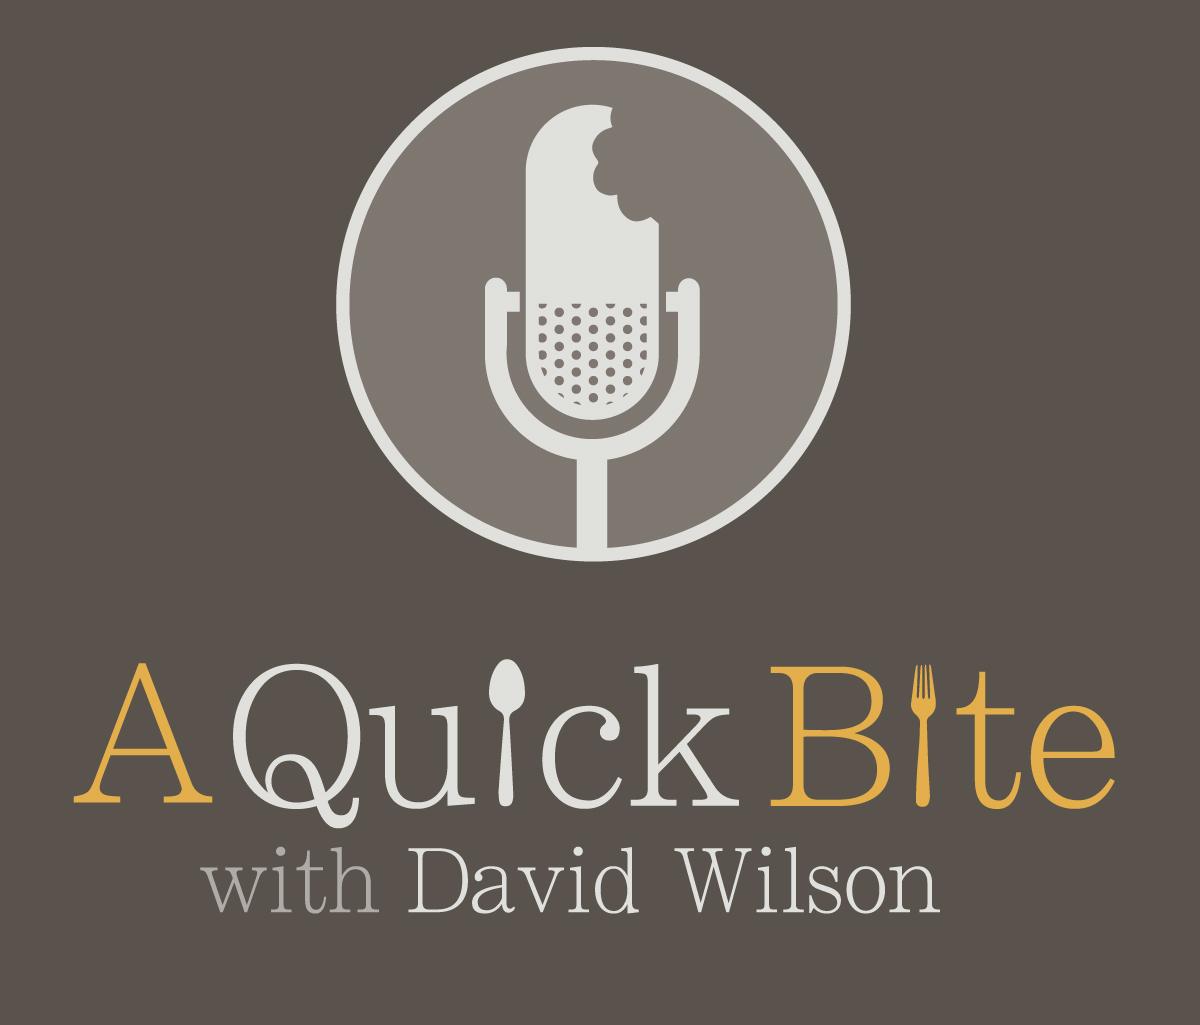 Radio Logo Design for A Quick Bite by Viv | Design #3147480